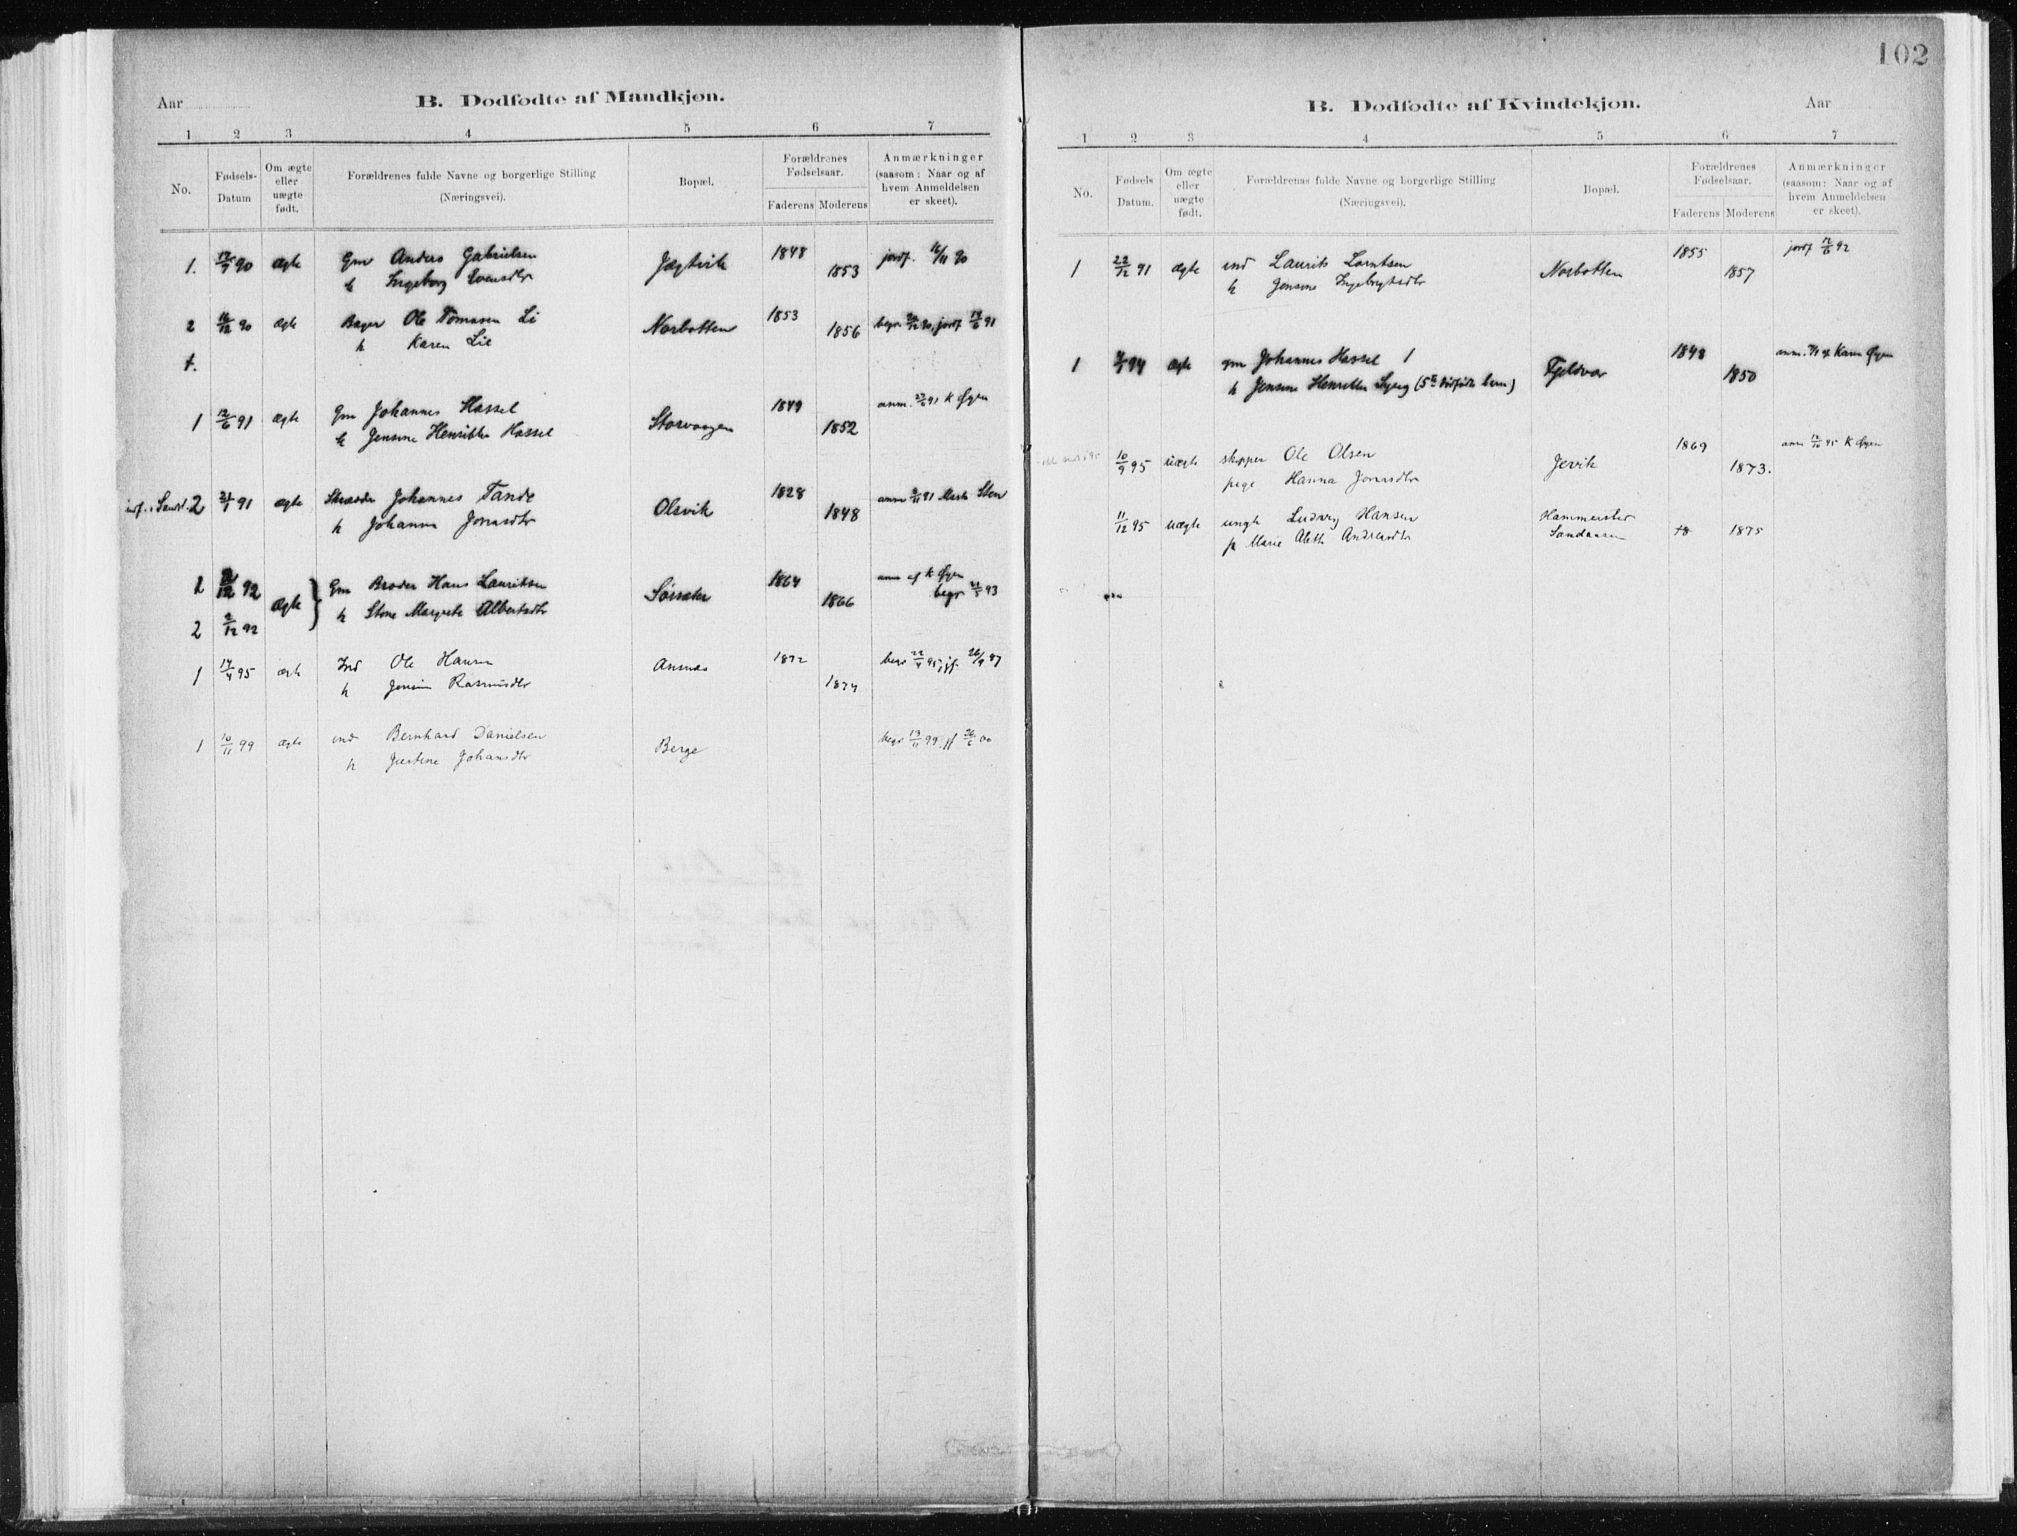 SAT, Ministerialprotokoller, klokkerbøker og fødselsregistre - Sør-Trøndelag, 637/L0558: Ministerialbok nr. 637A01, 1882-1899, s. 102